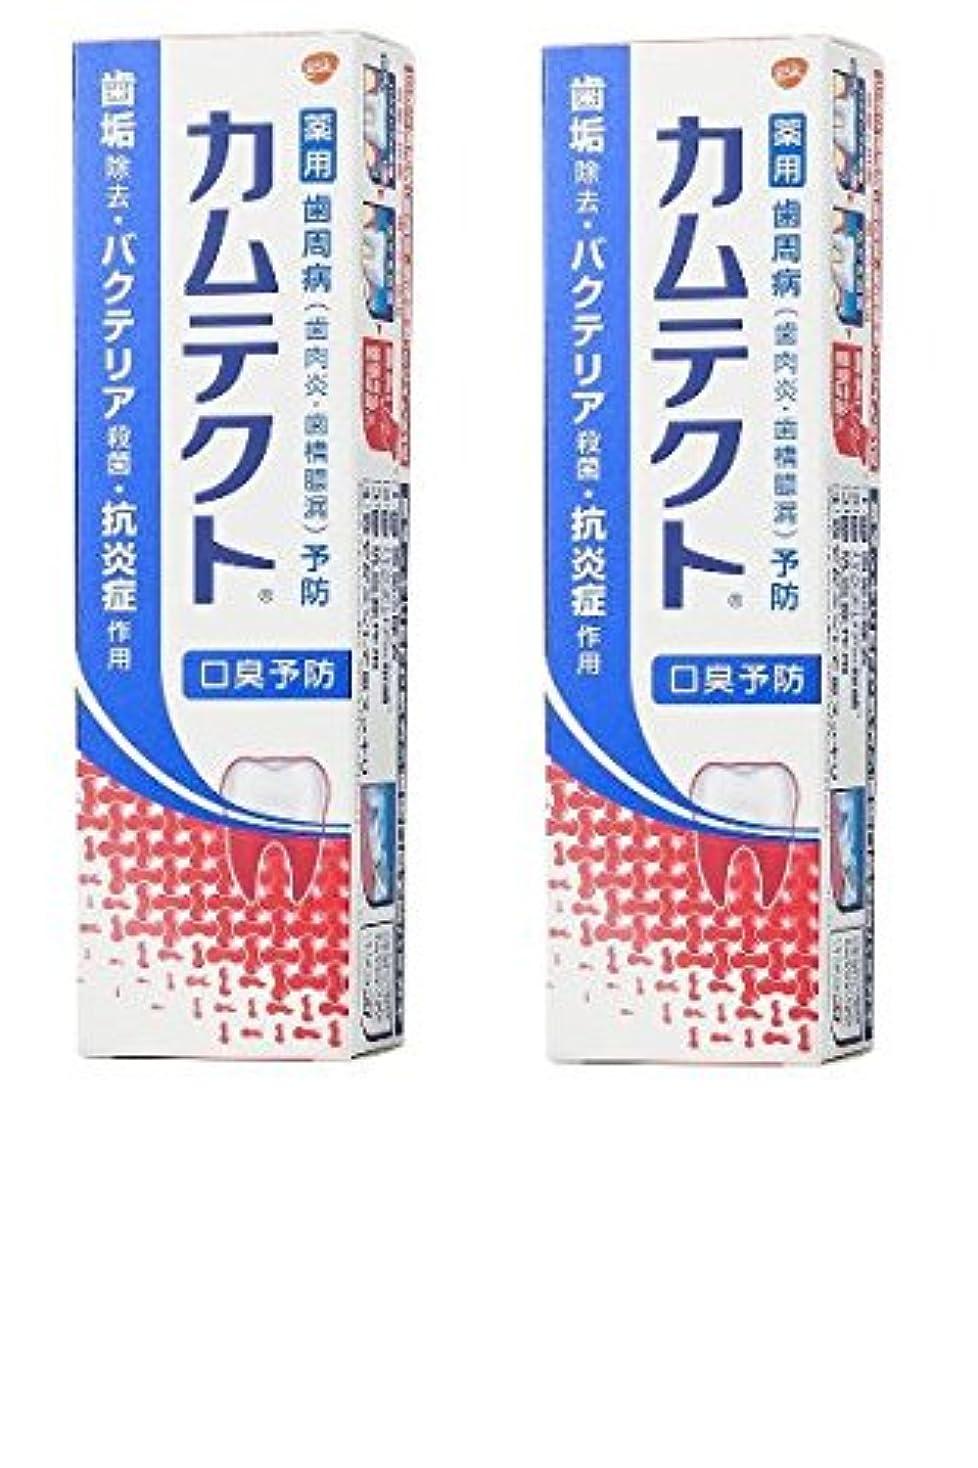 含める陰謀誤って【まとめ買い】カムテクト 口臭予防 歯周病(歯肉炎?歯槽膿漏) 予防 歯みがき粉 105g × 2個